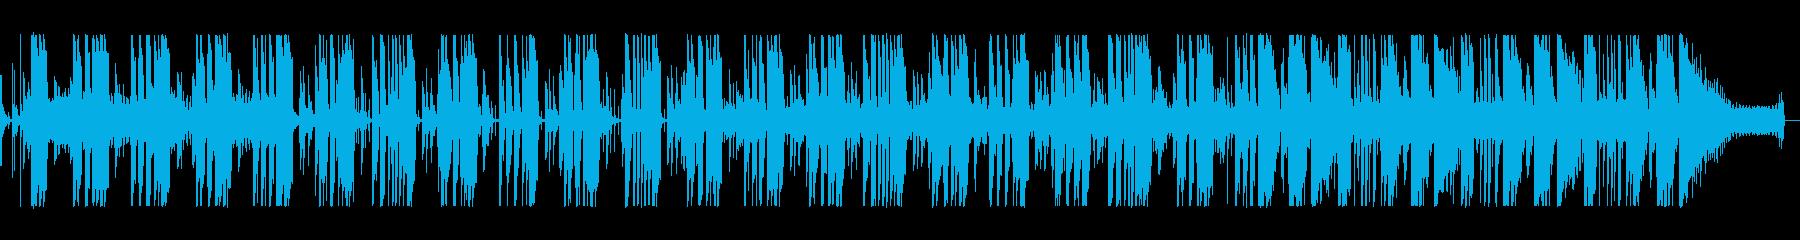 レゲエ調の明るく開放的な楽曲の再生済みの波形